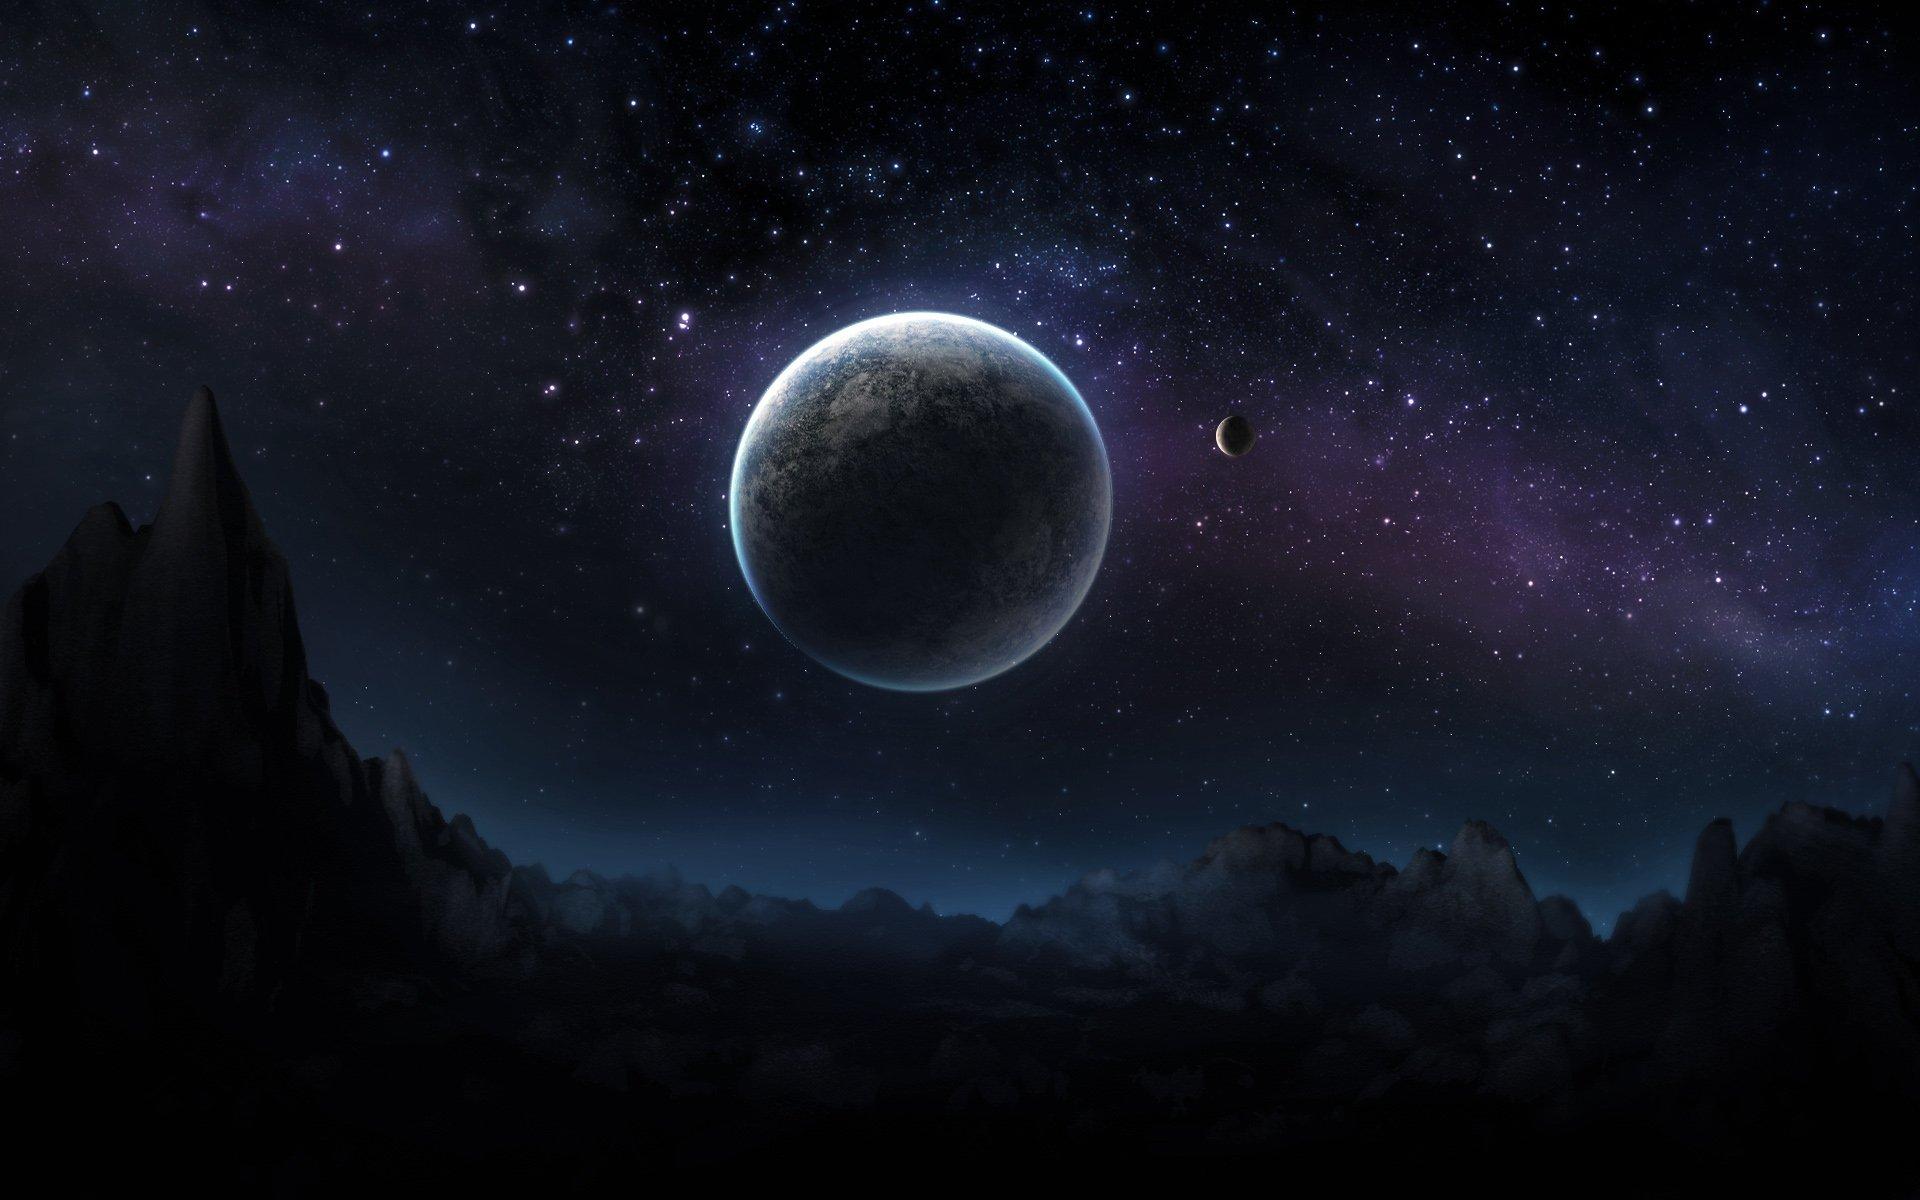 3d Game Wallpaper For Mobile Space Desktop Wallpaper Dark Black Beautiful Media File